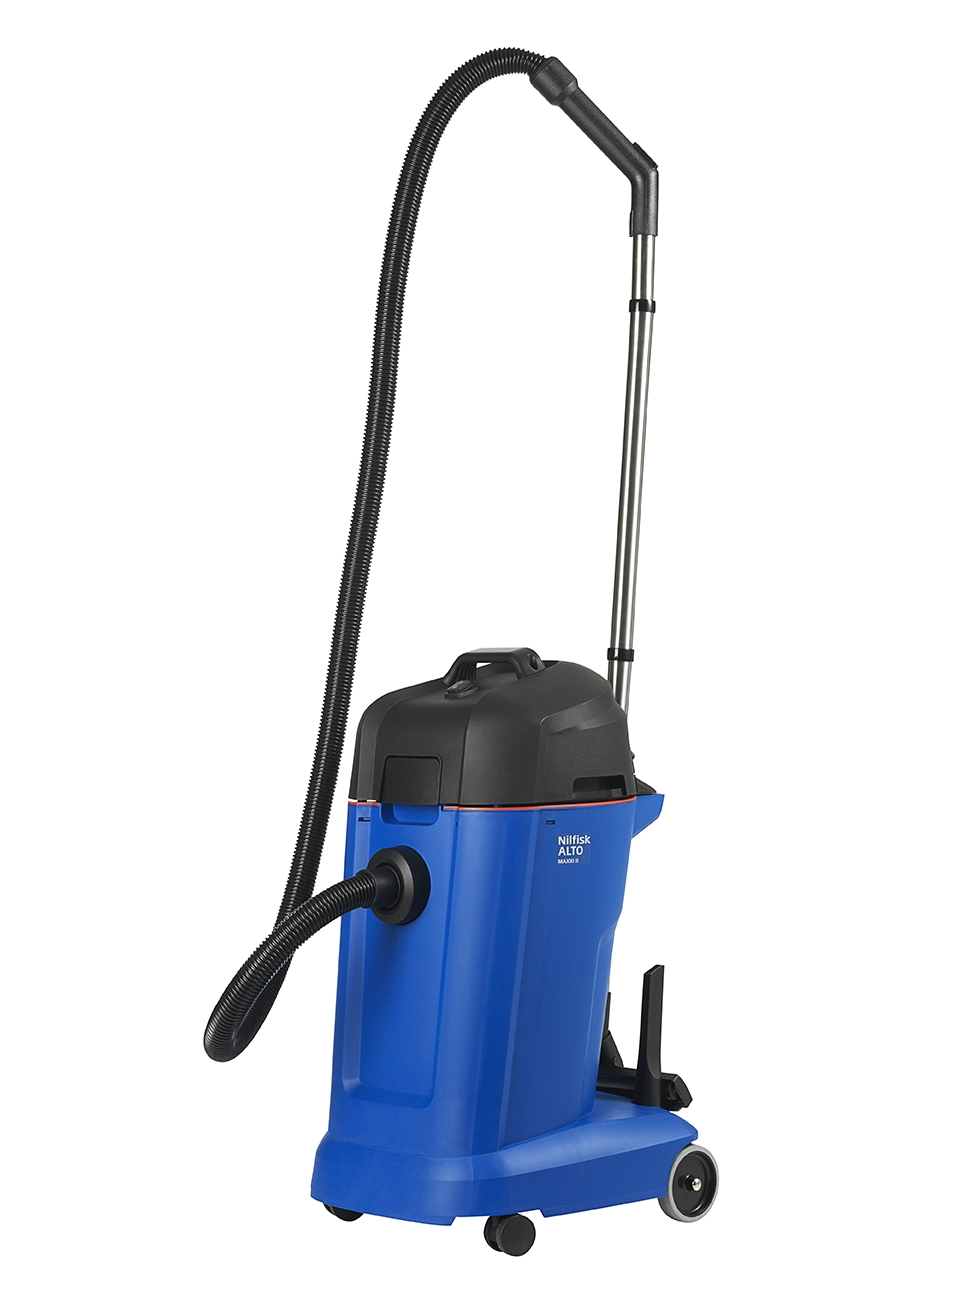 aspirateur a eau et poussieres nilfisk alto maxxi 35. Black Bedroom Furniture Sets. Home Design Ideas